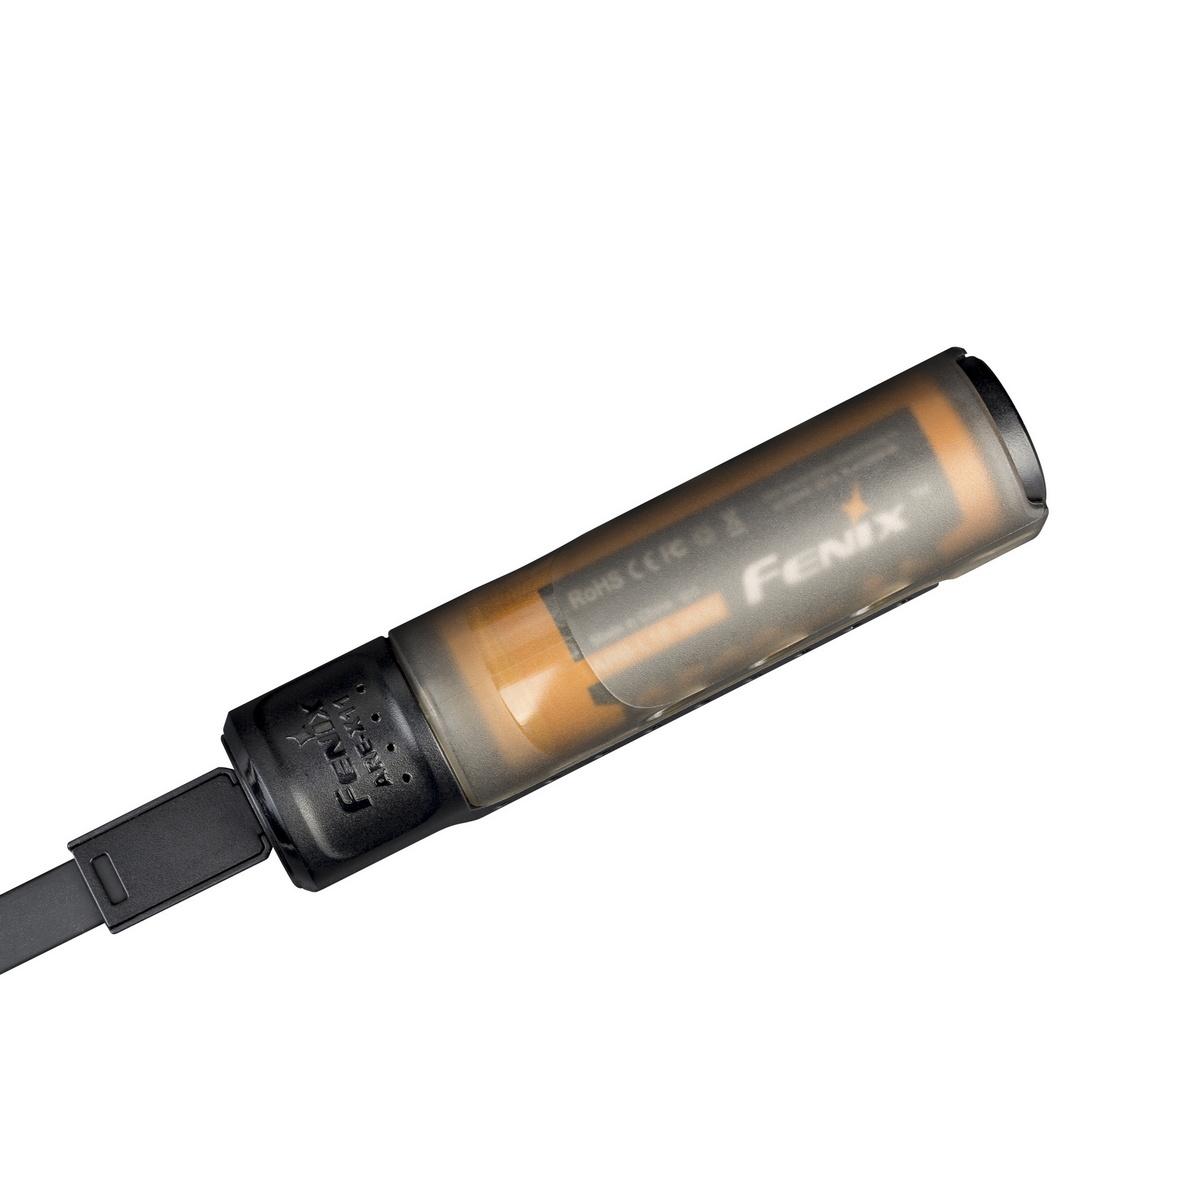 Набор зарядное устройство+аккумулятор на 18650 Fenix 3500U mAh Fenix ARE-X11 NEW (+ Антисептик-спрей для рук в подарок..